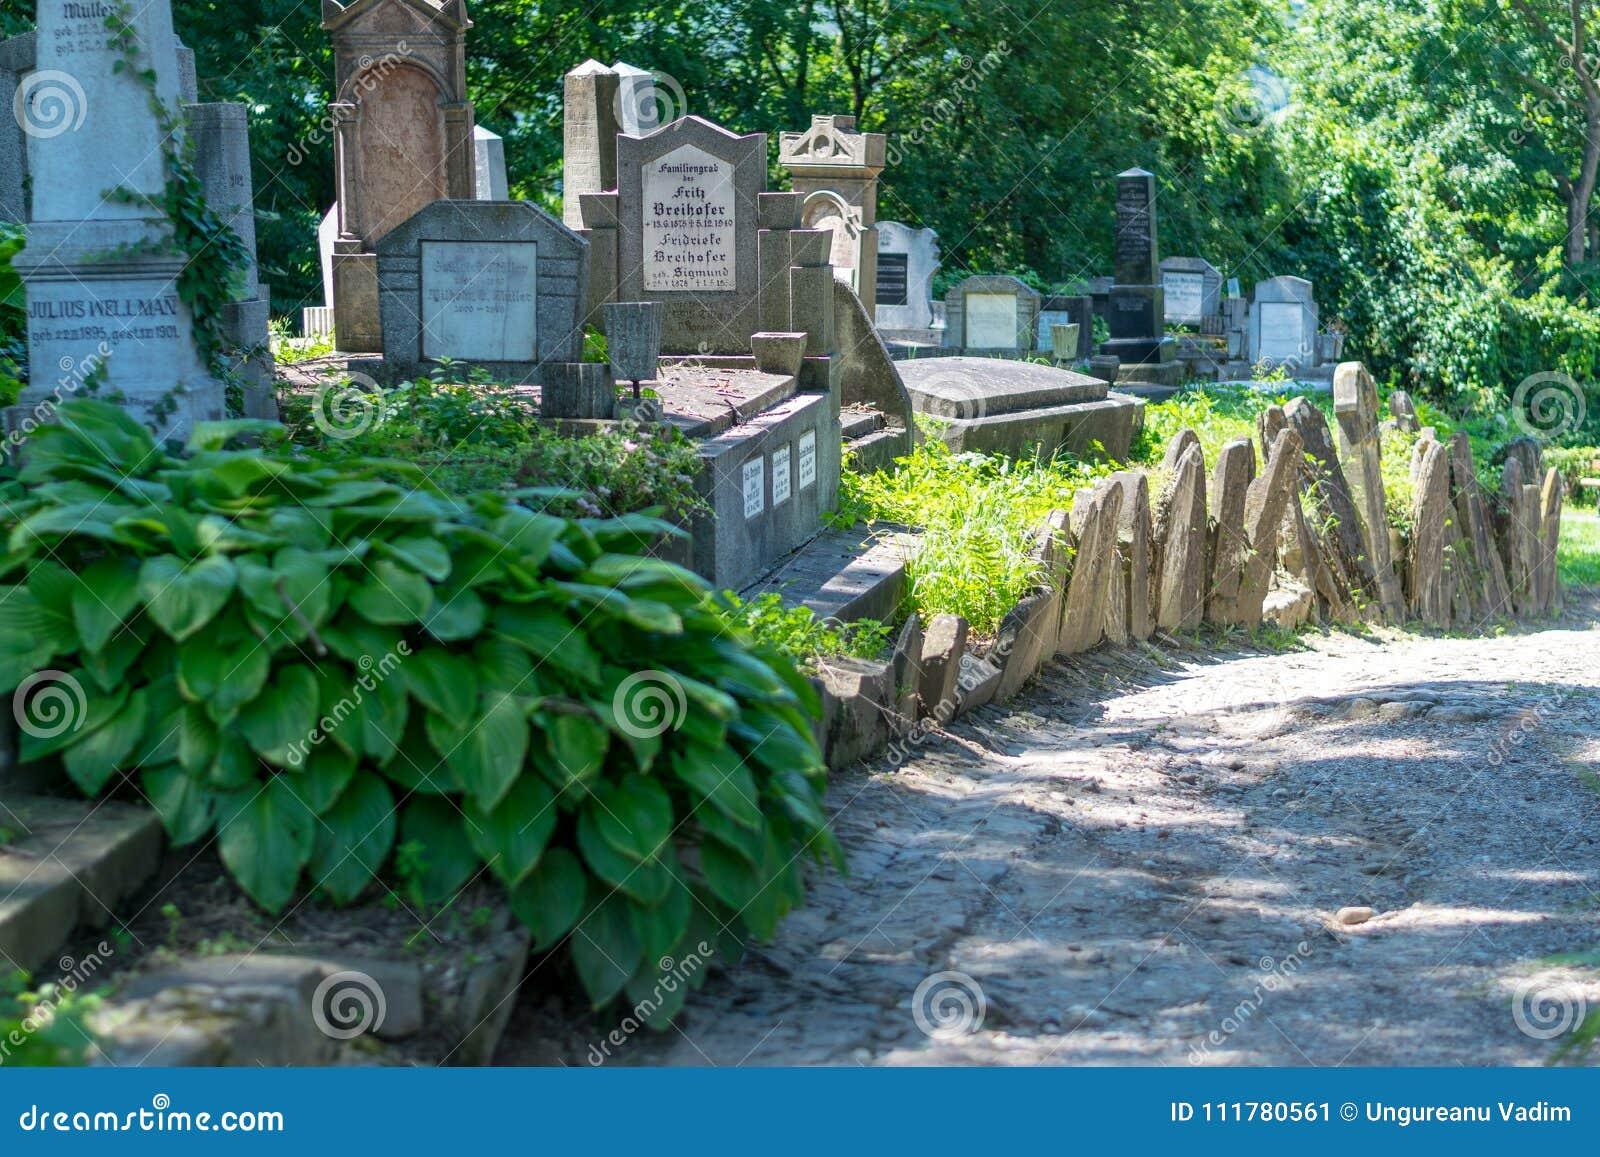 SIGHISOARA, RUMANIA - 1 DE JULIO DE 2016: Cementerio sajón, situado al lado de la iglesia en la colina en Sighisoara, Rumania